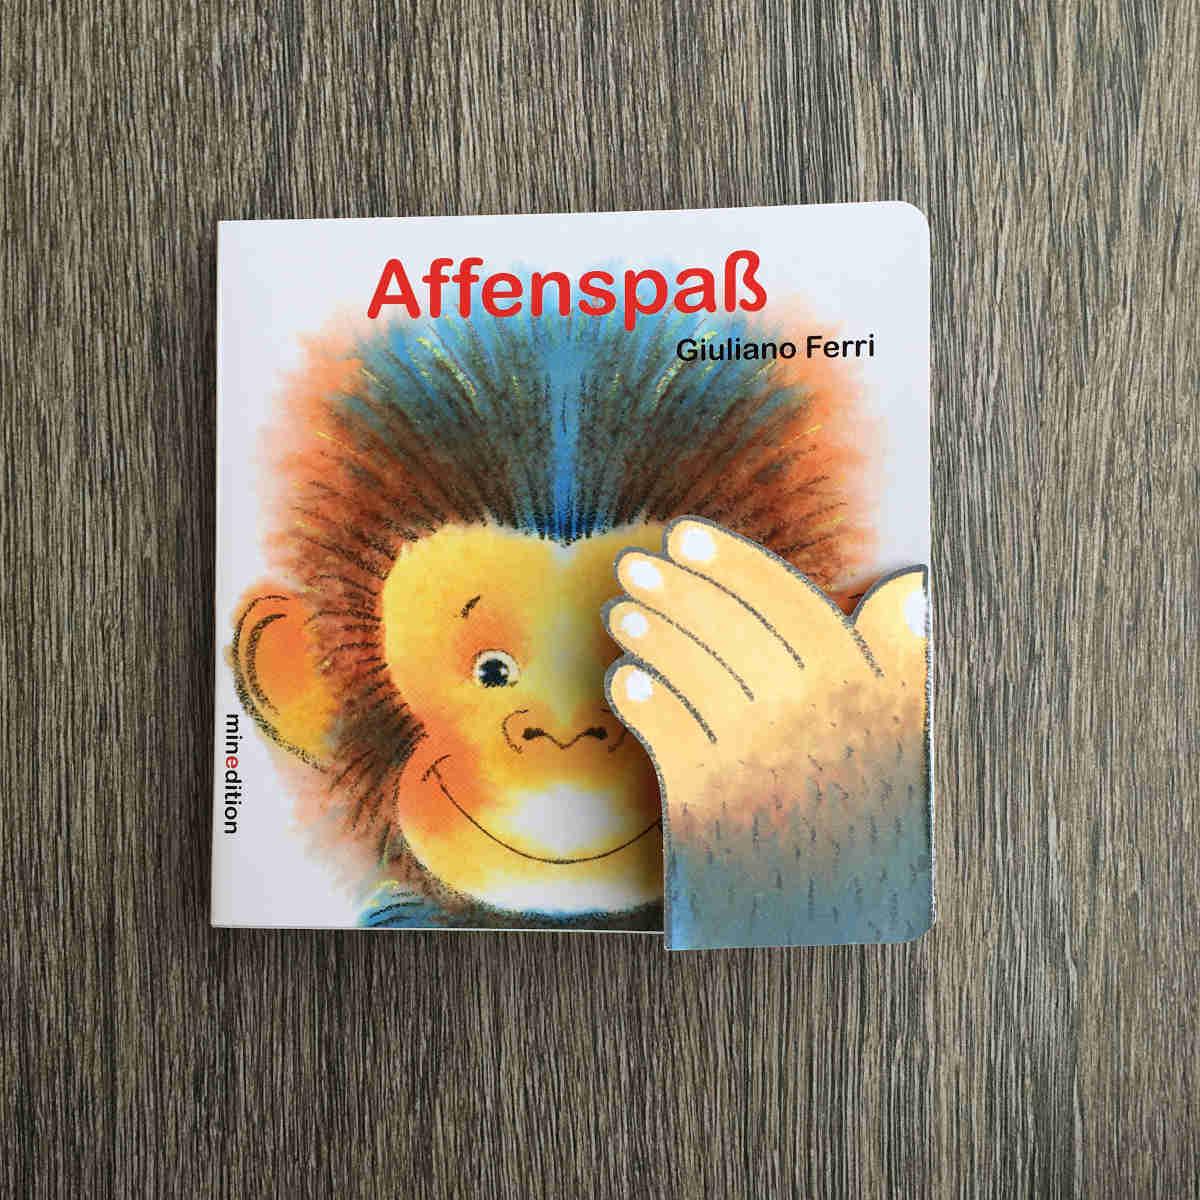 Ein Affenspaß für die Kleinsten: Das neue Pappbilderbuch von Giuliano Ferri